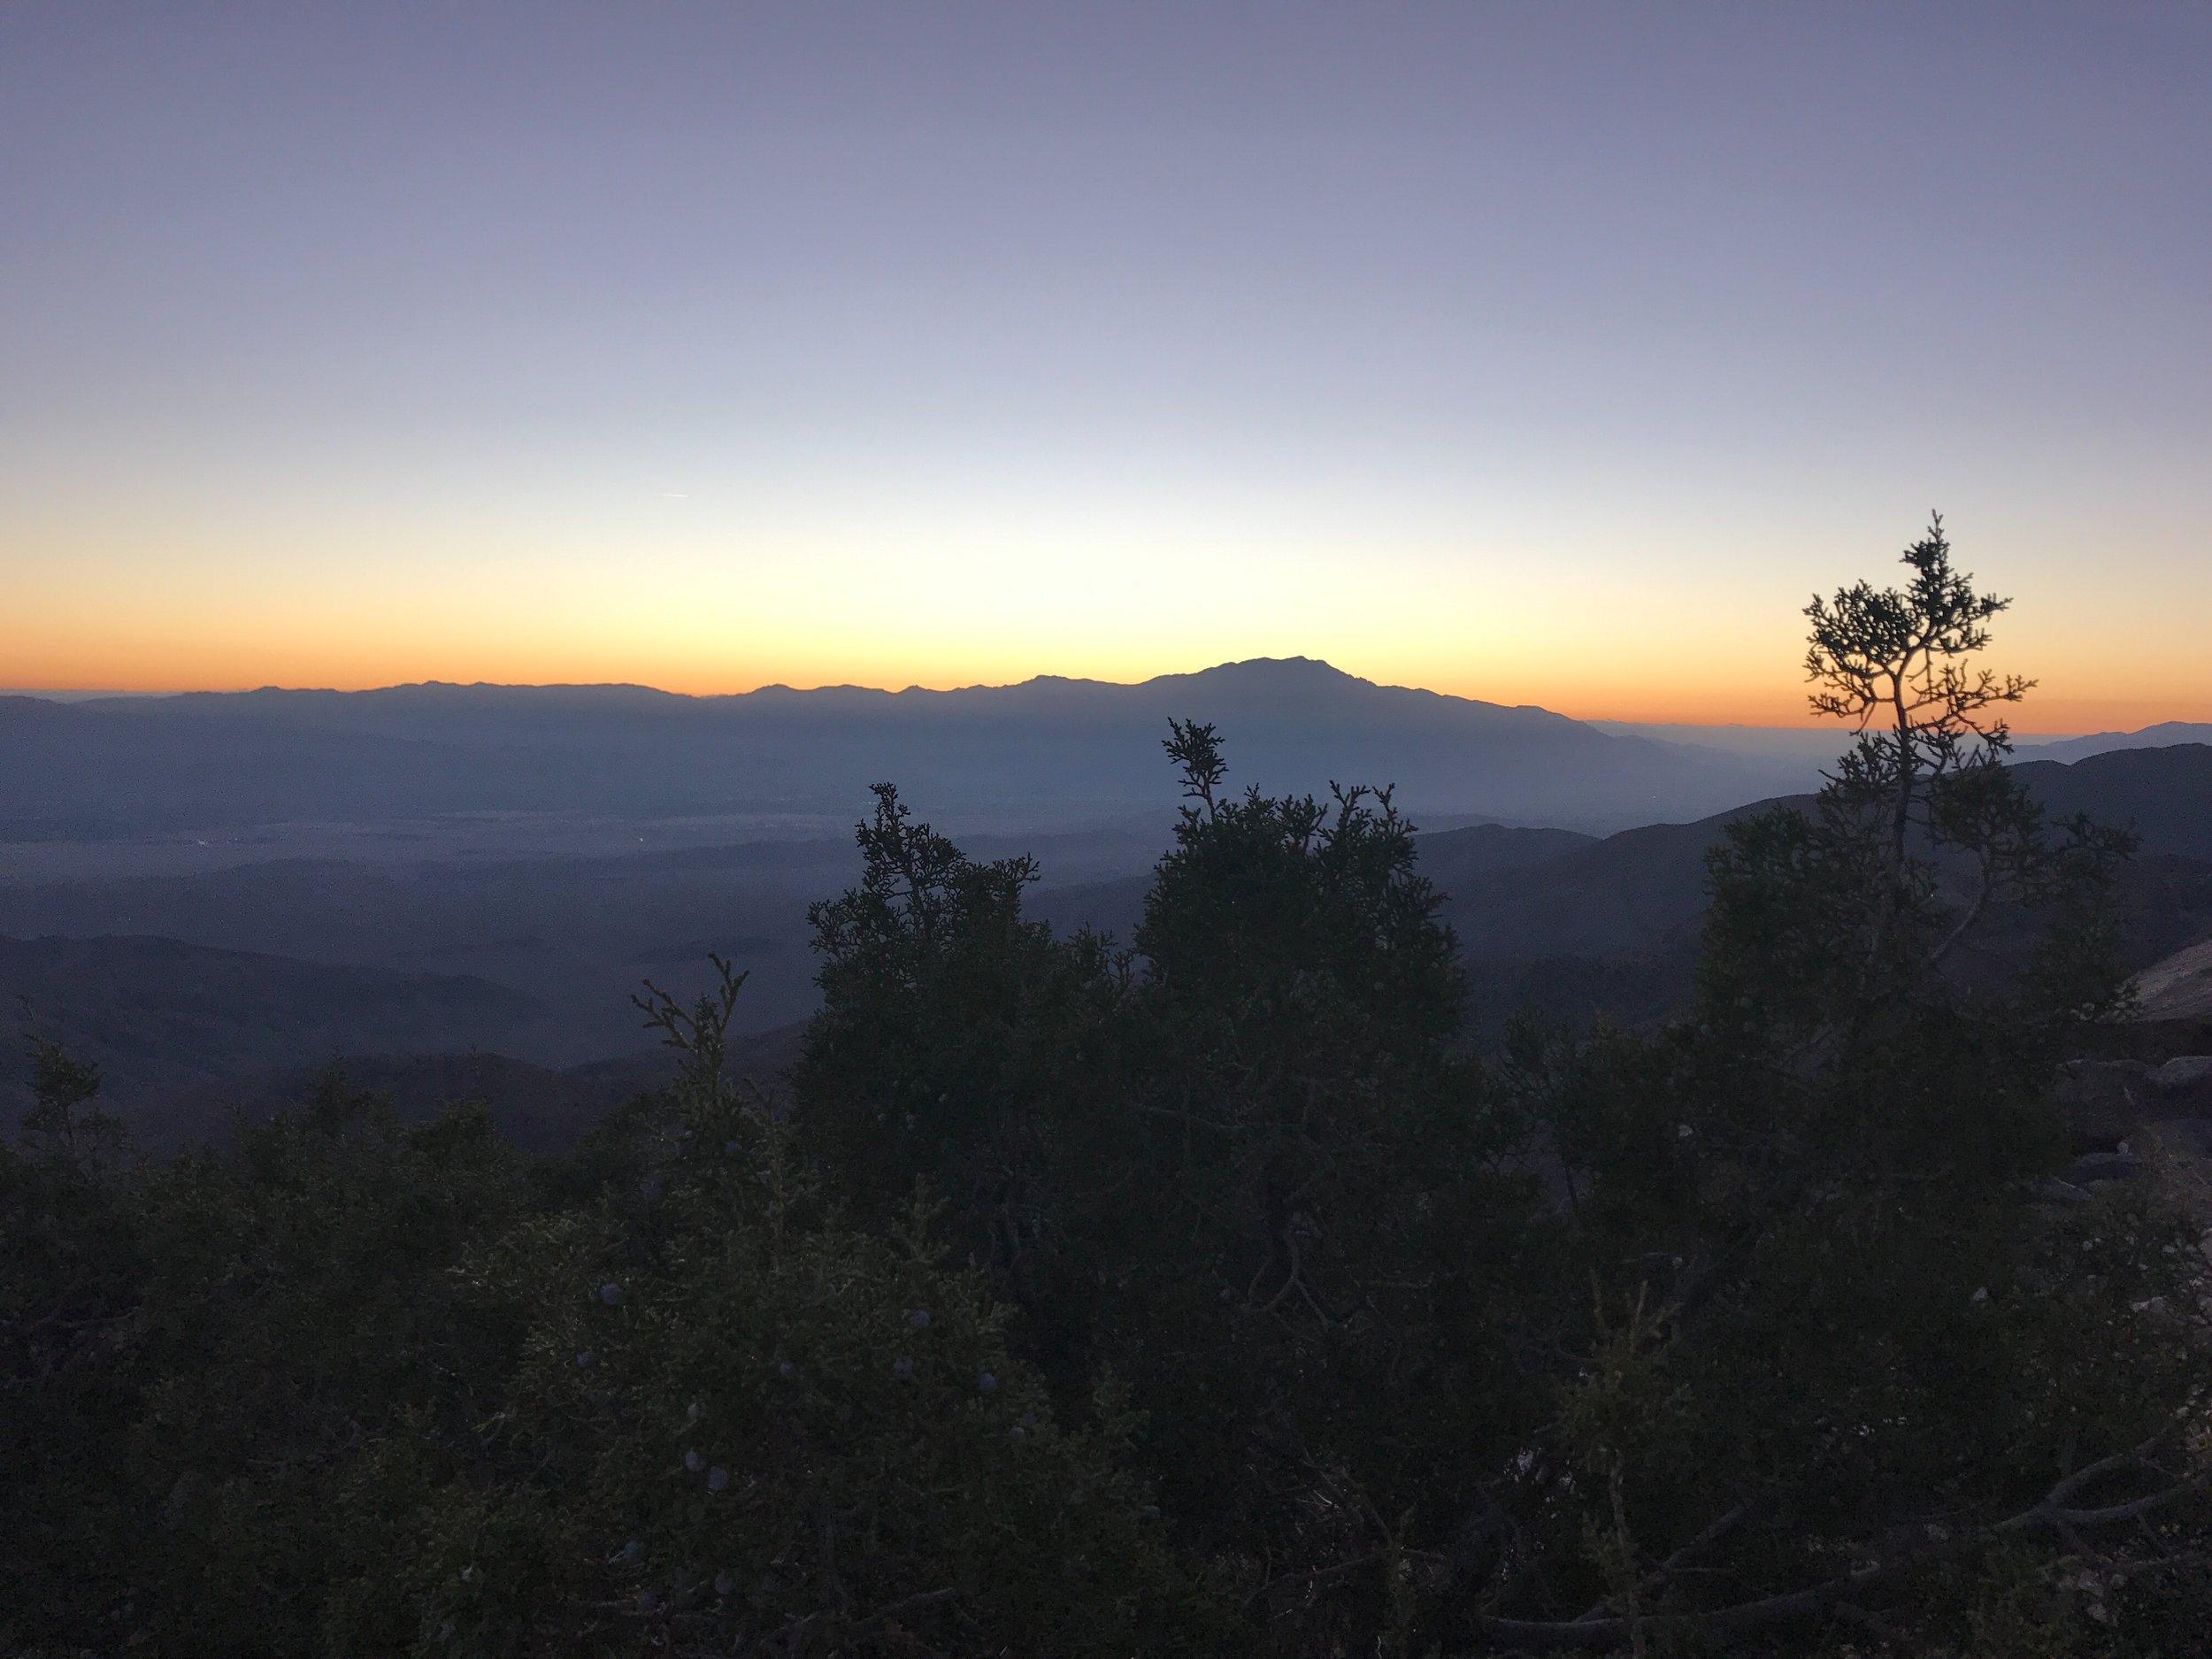 Sunset in Joshua Tree